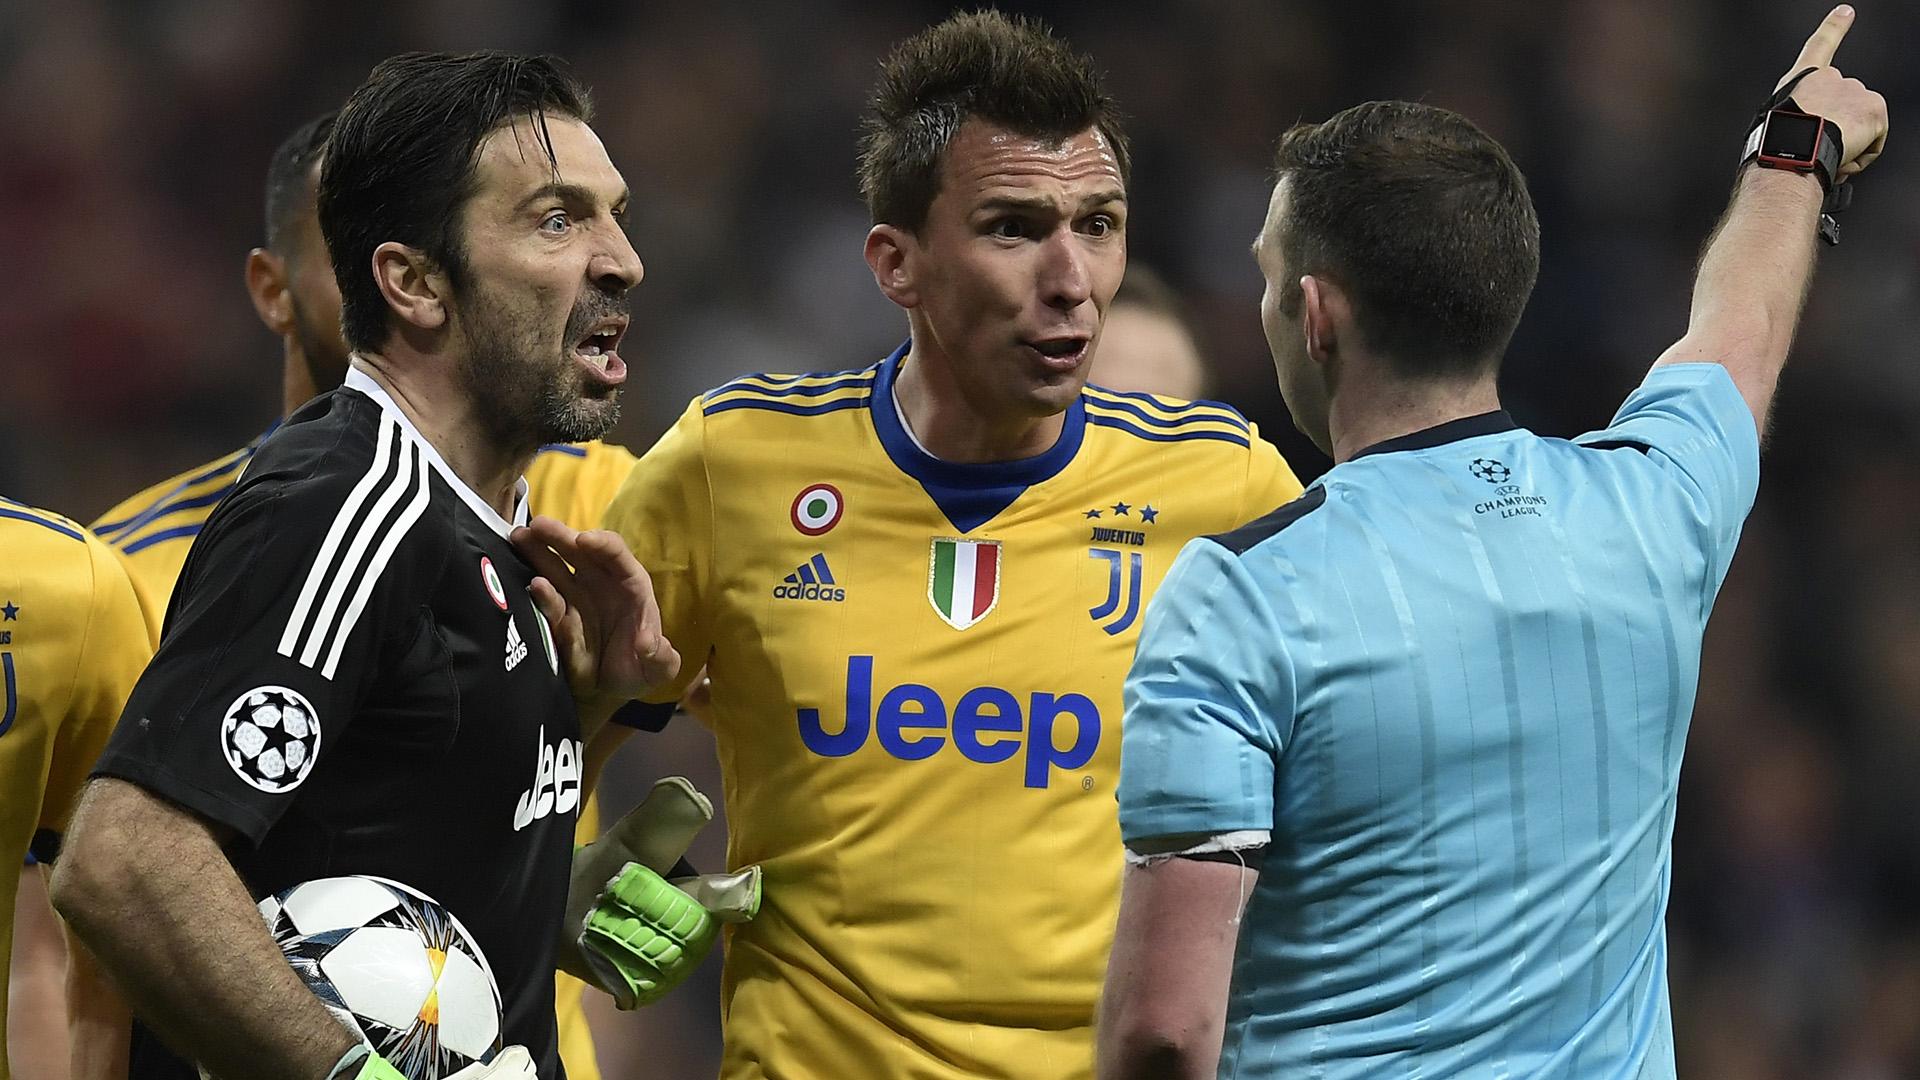 Gianluigi Buffon continuă coşmarul în Champions League! Cum a fost eliminat în ultimii 5 ani din Ligă: gafe, eliminări, drame